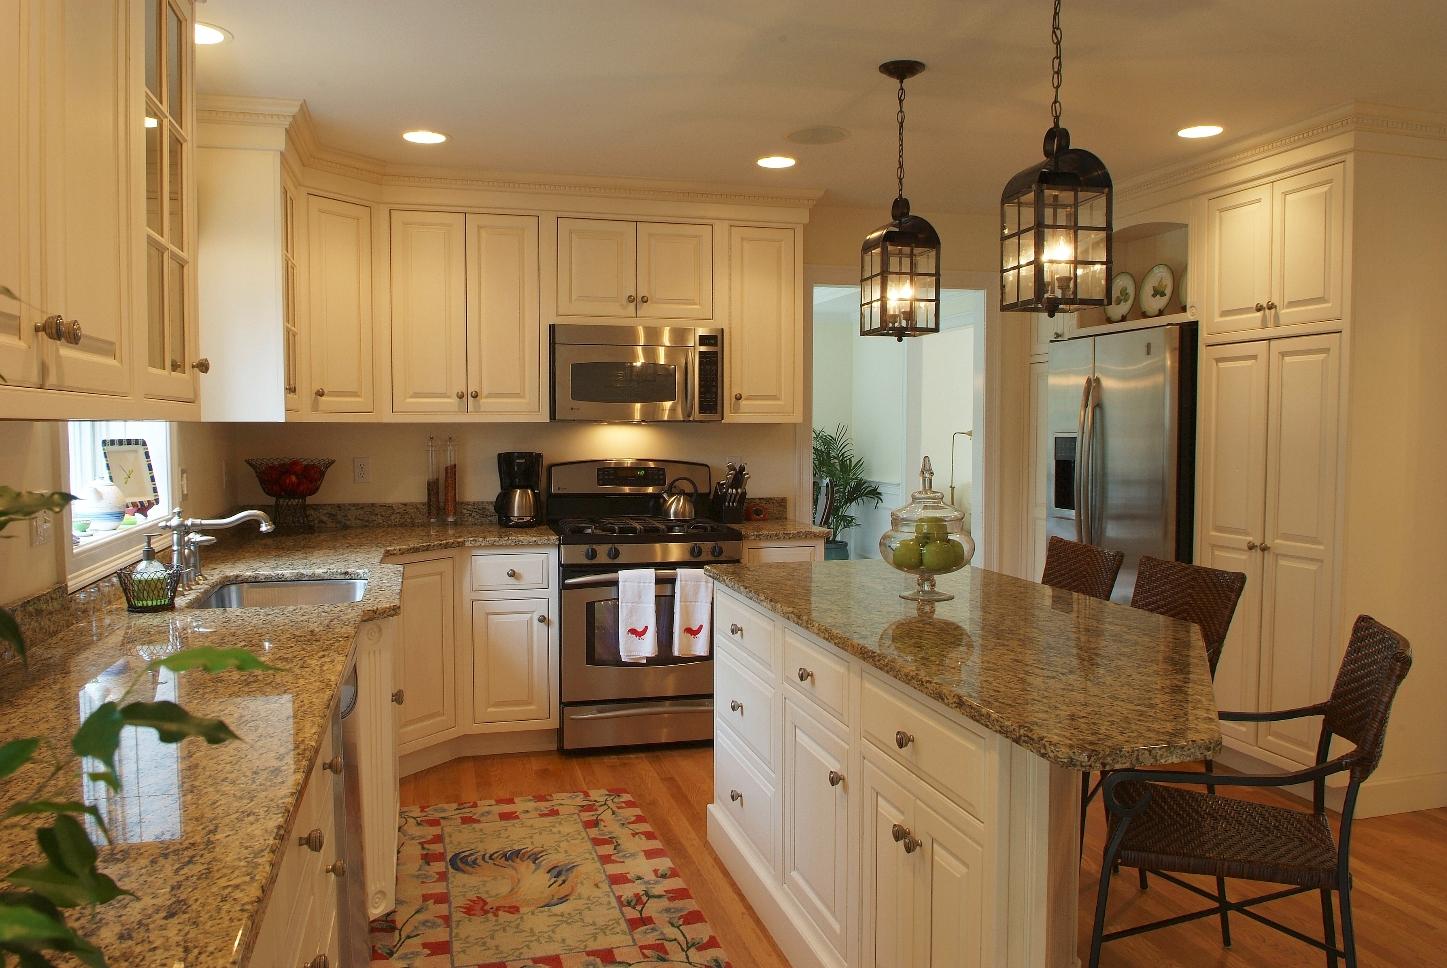 Kitchen island styles Photo - 5